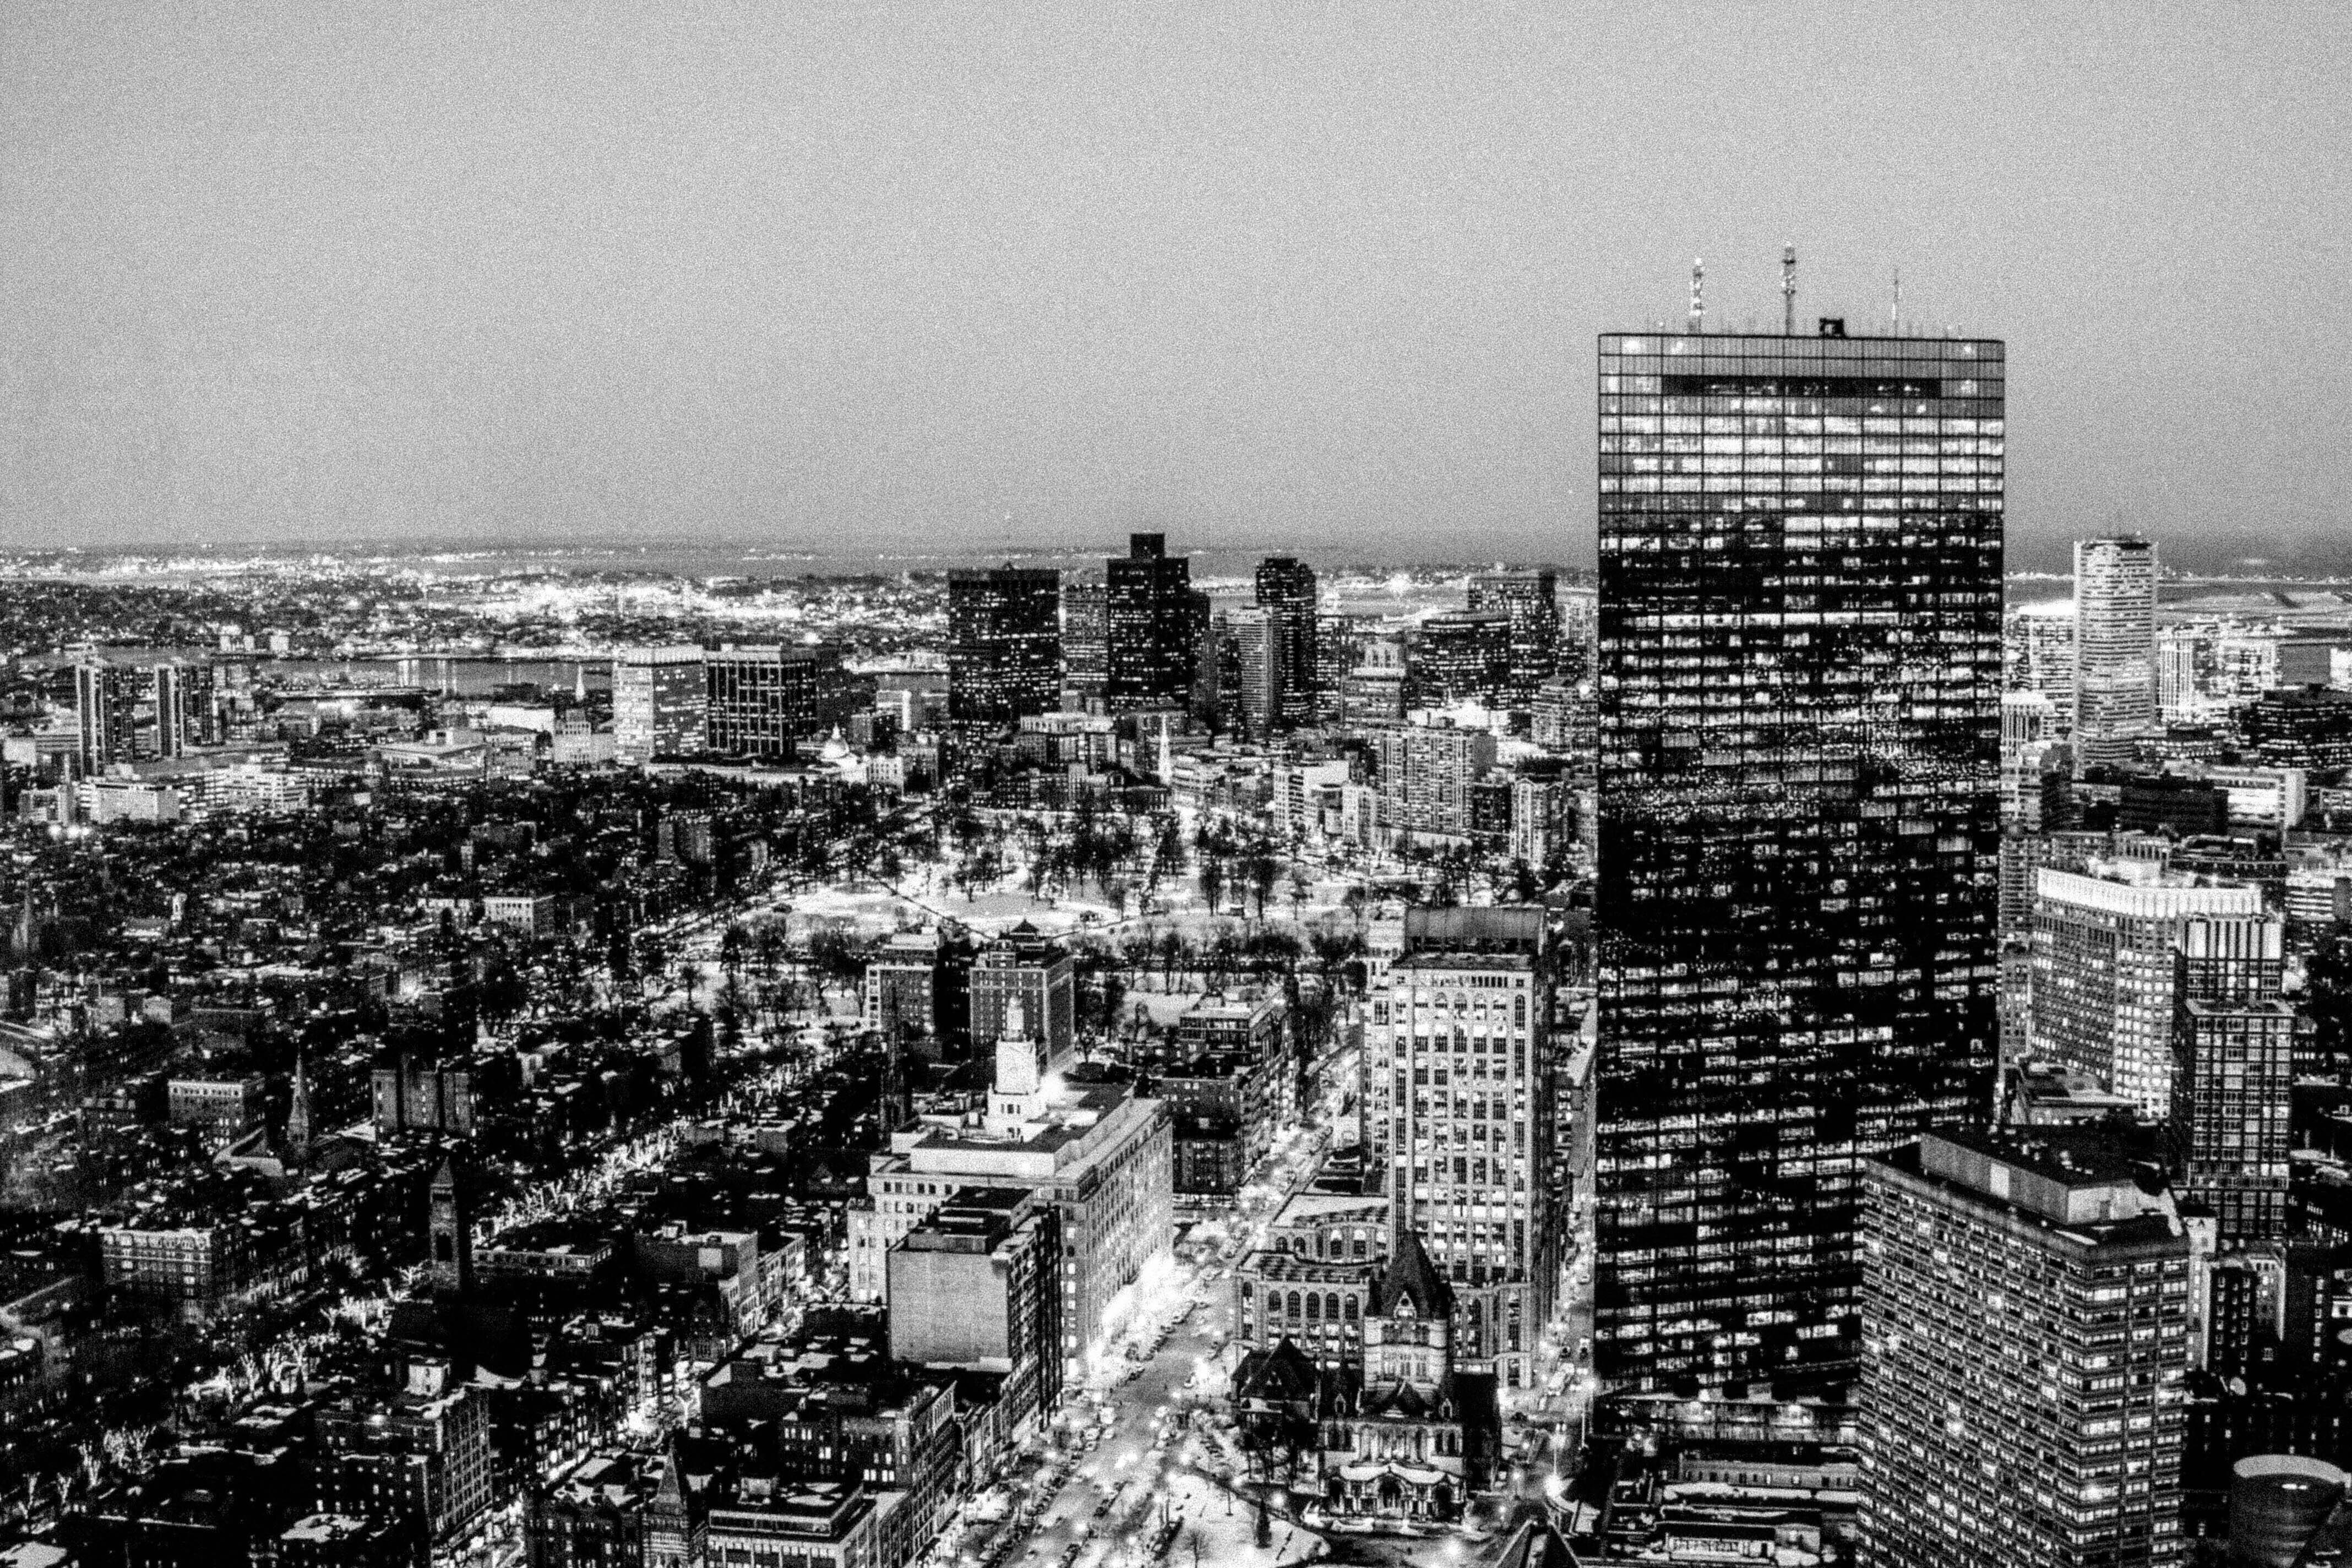 boston_t20_1WakVn-111